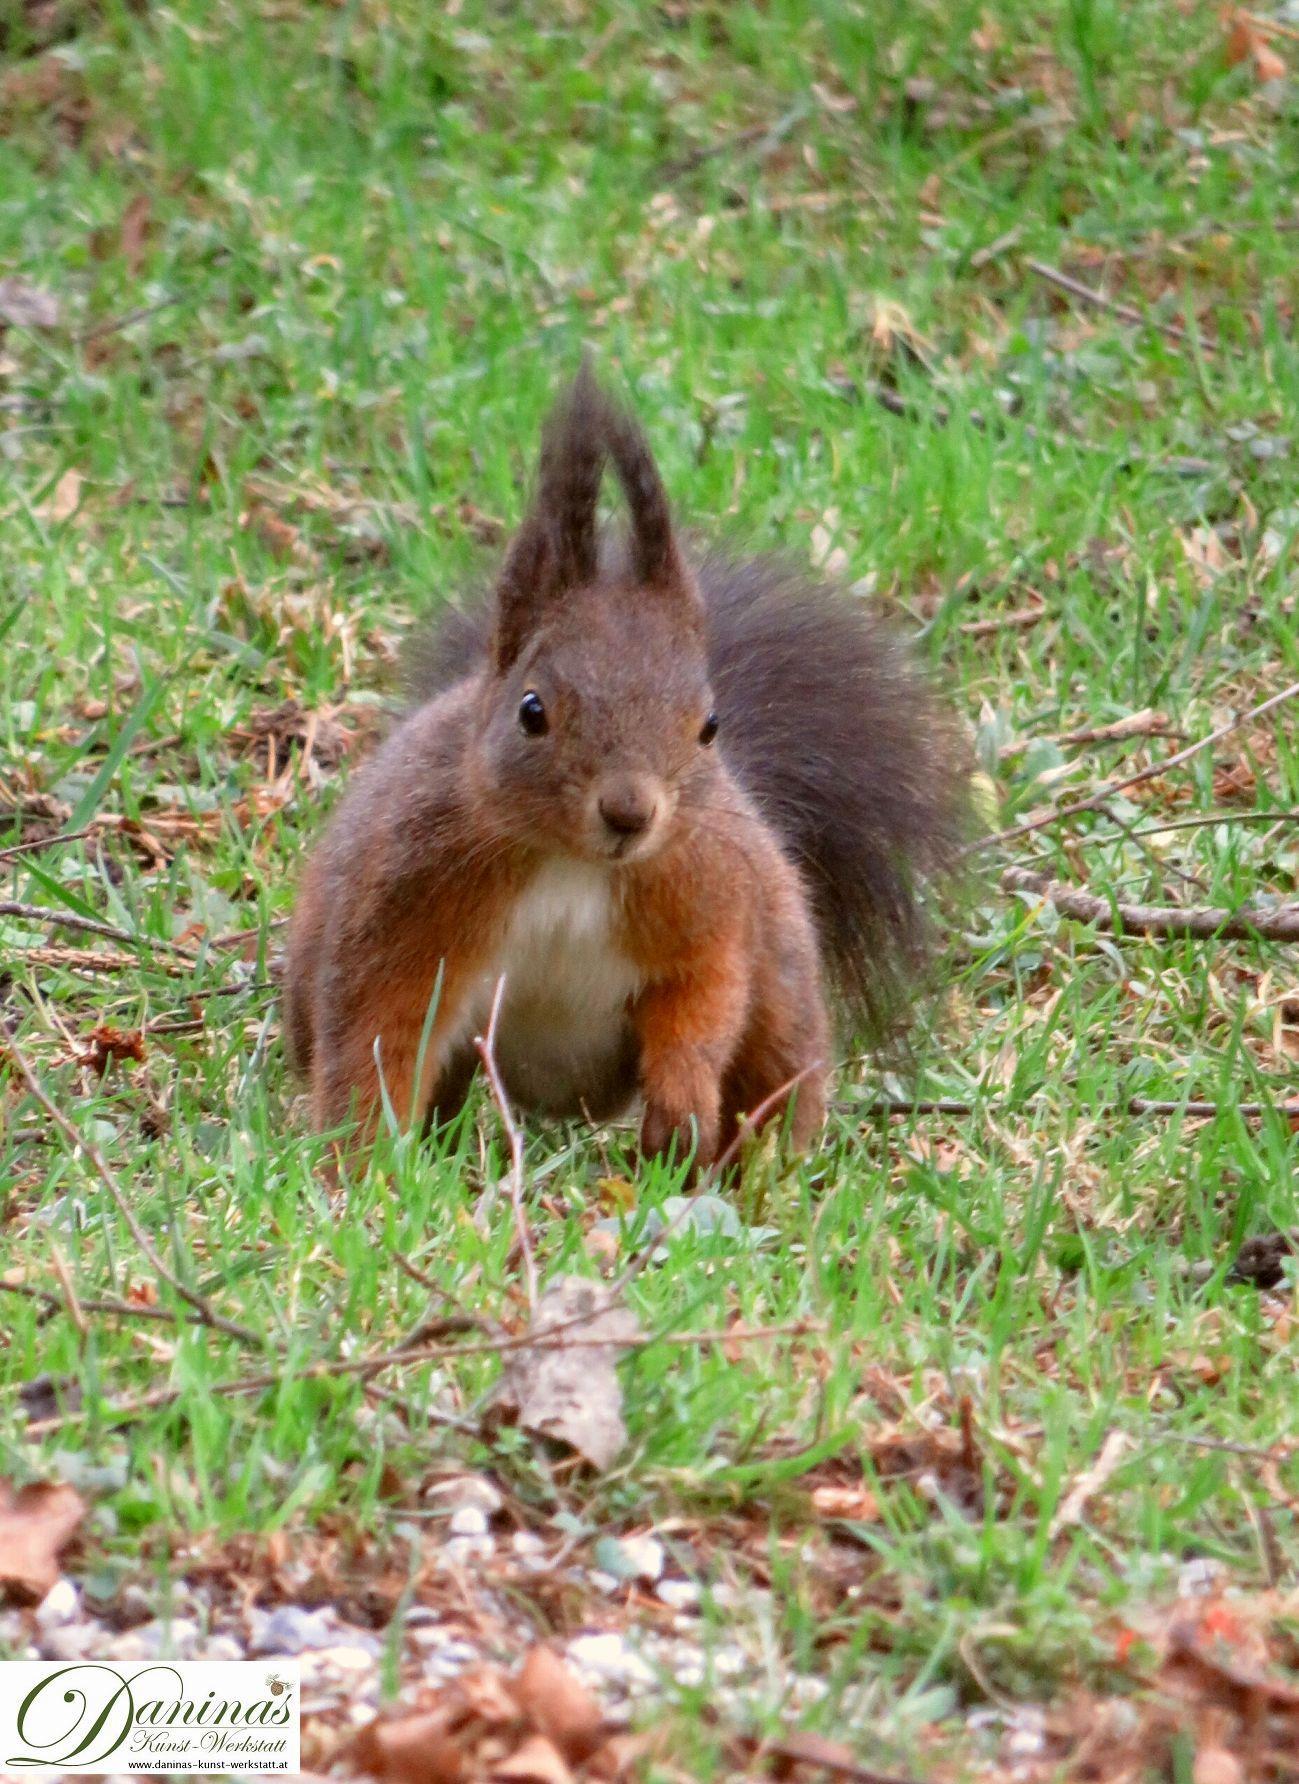 Braunes Eichhörnchen auf Nahrungssuche im Garten.